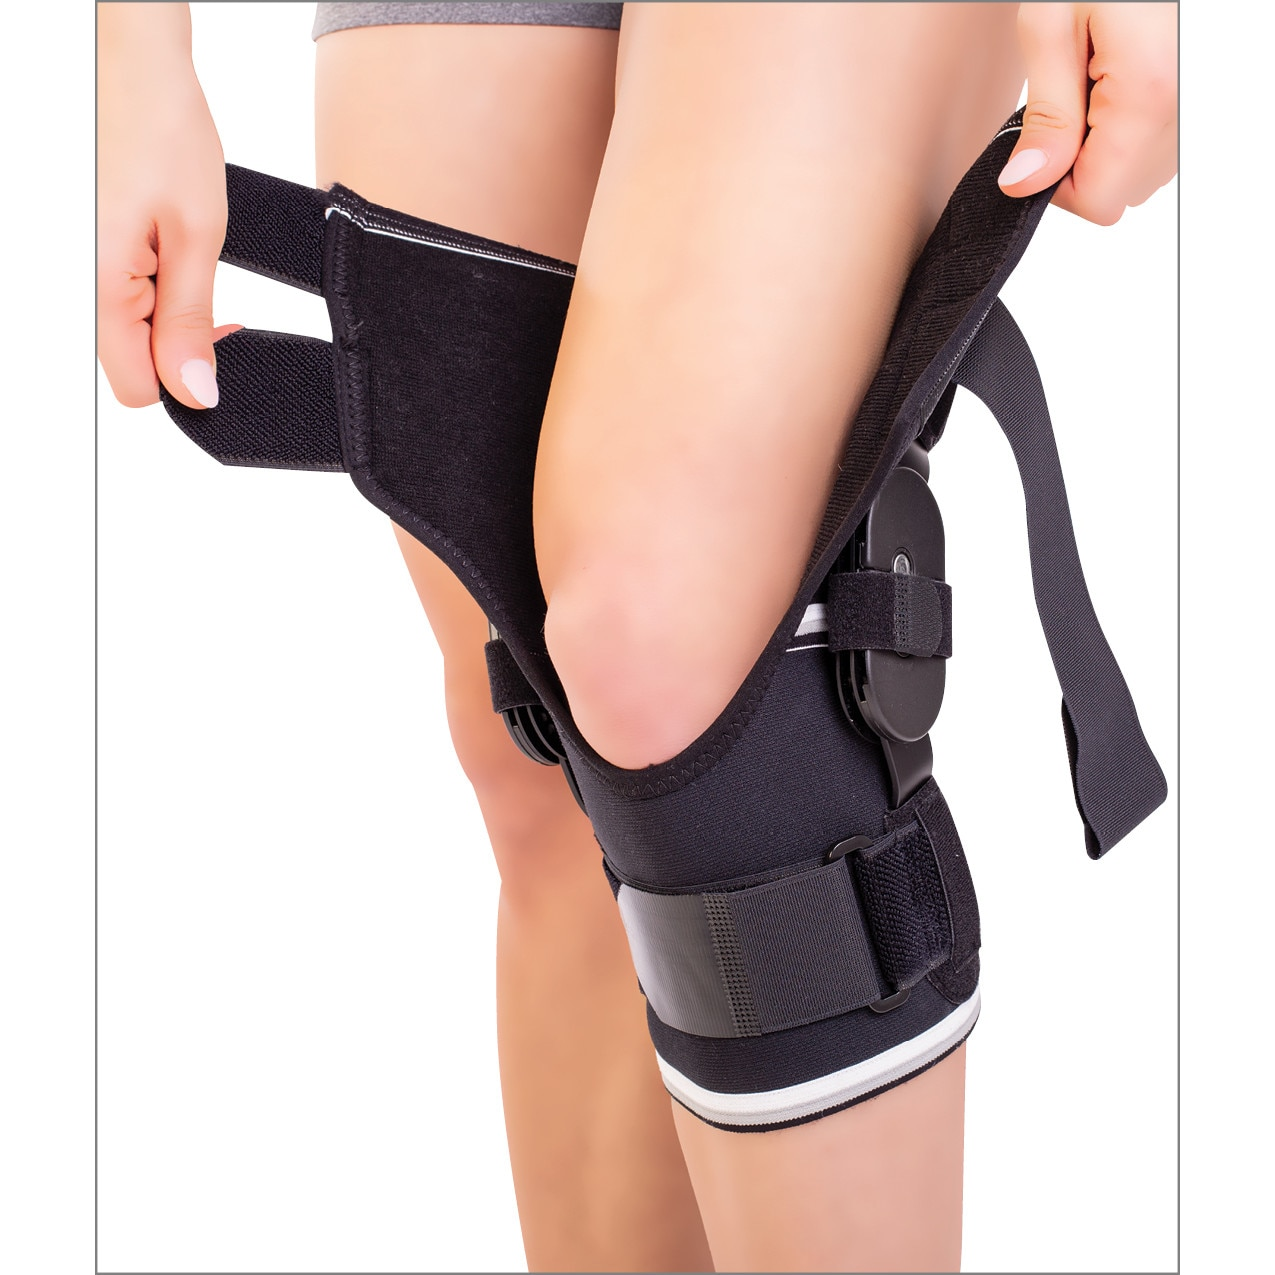 inflamația cartilajului articular al genunchiului